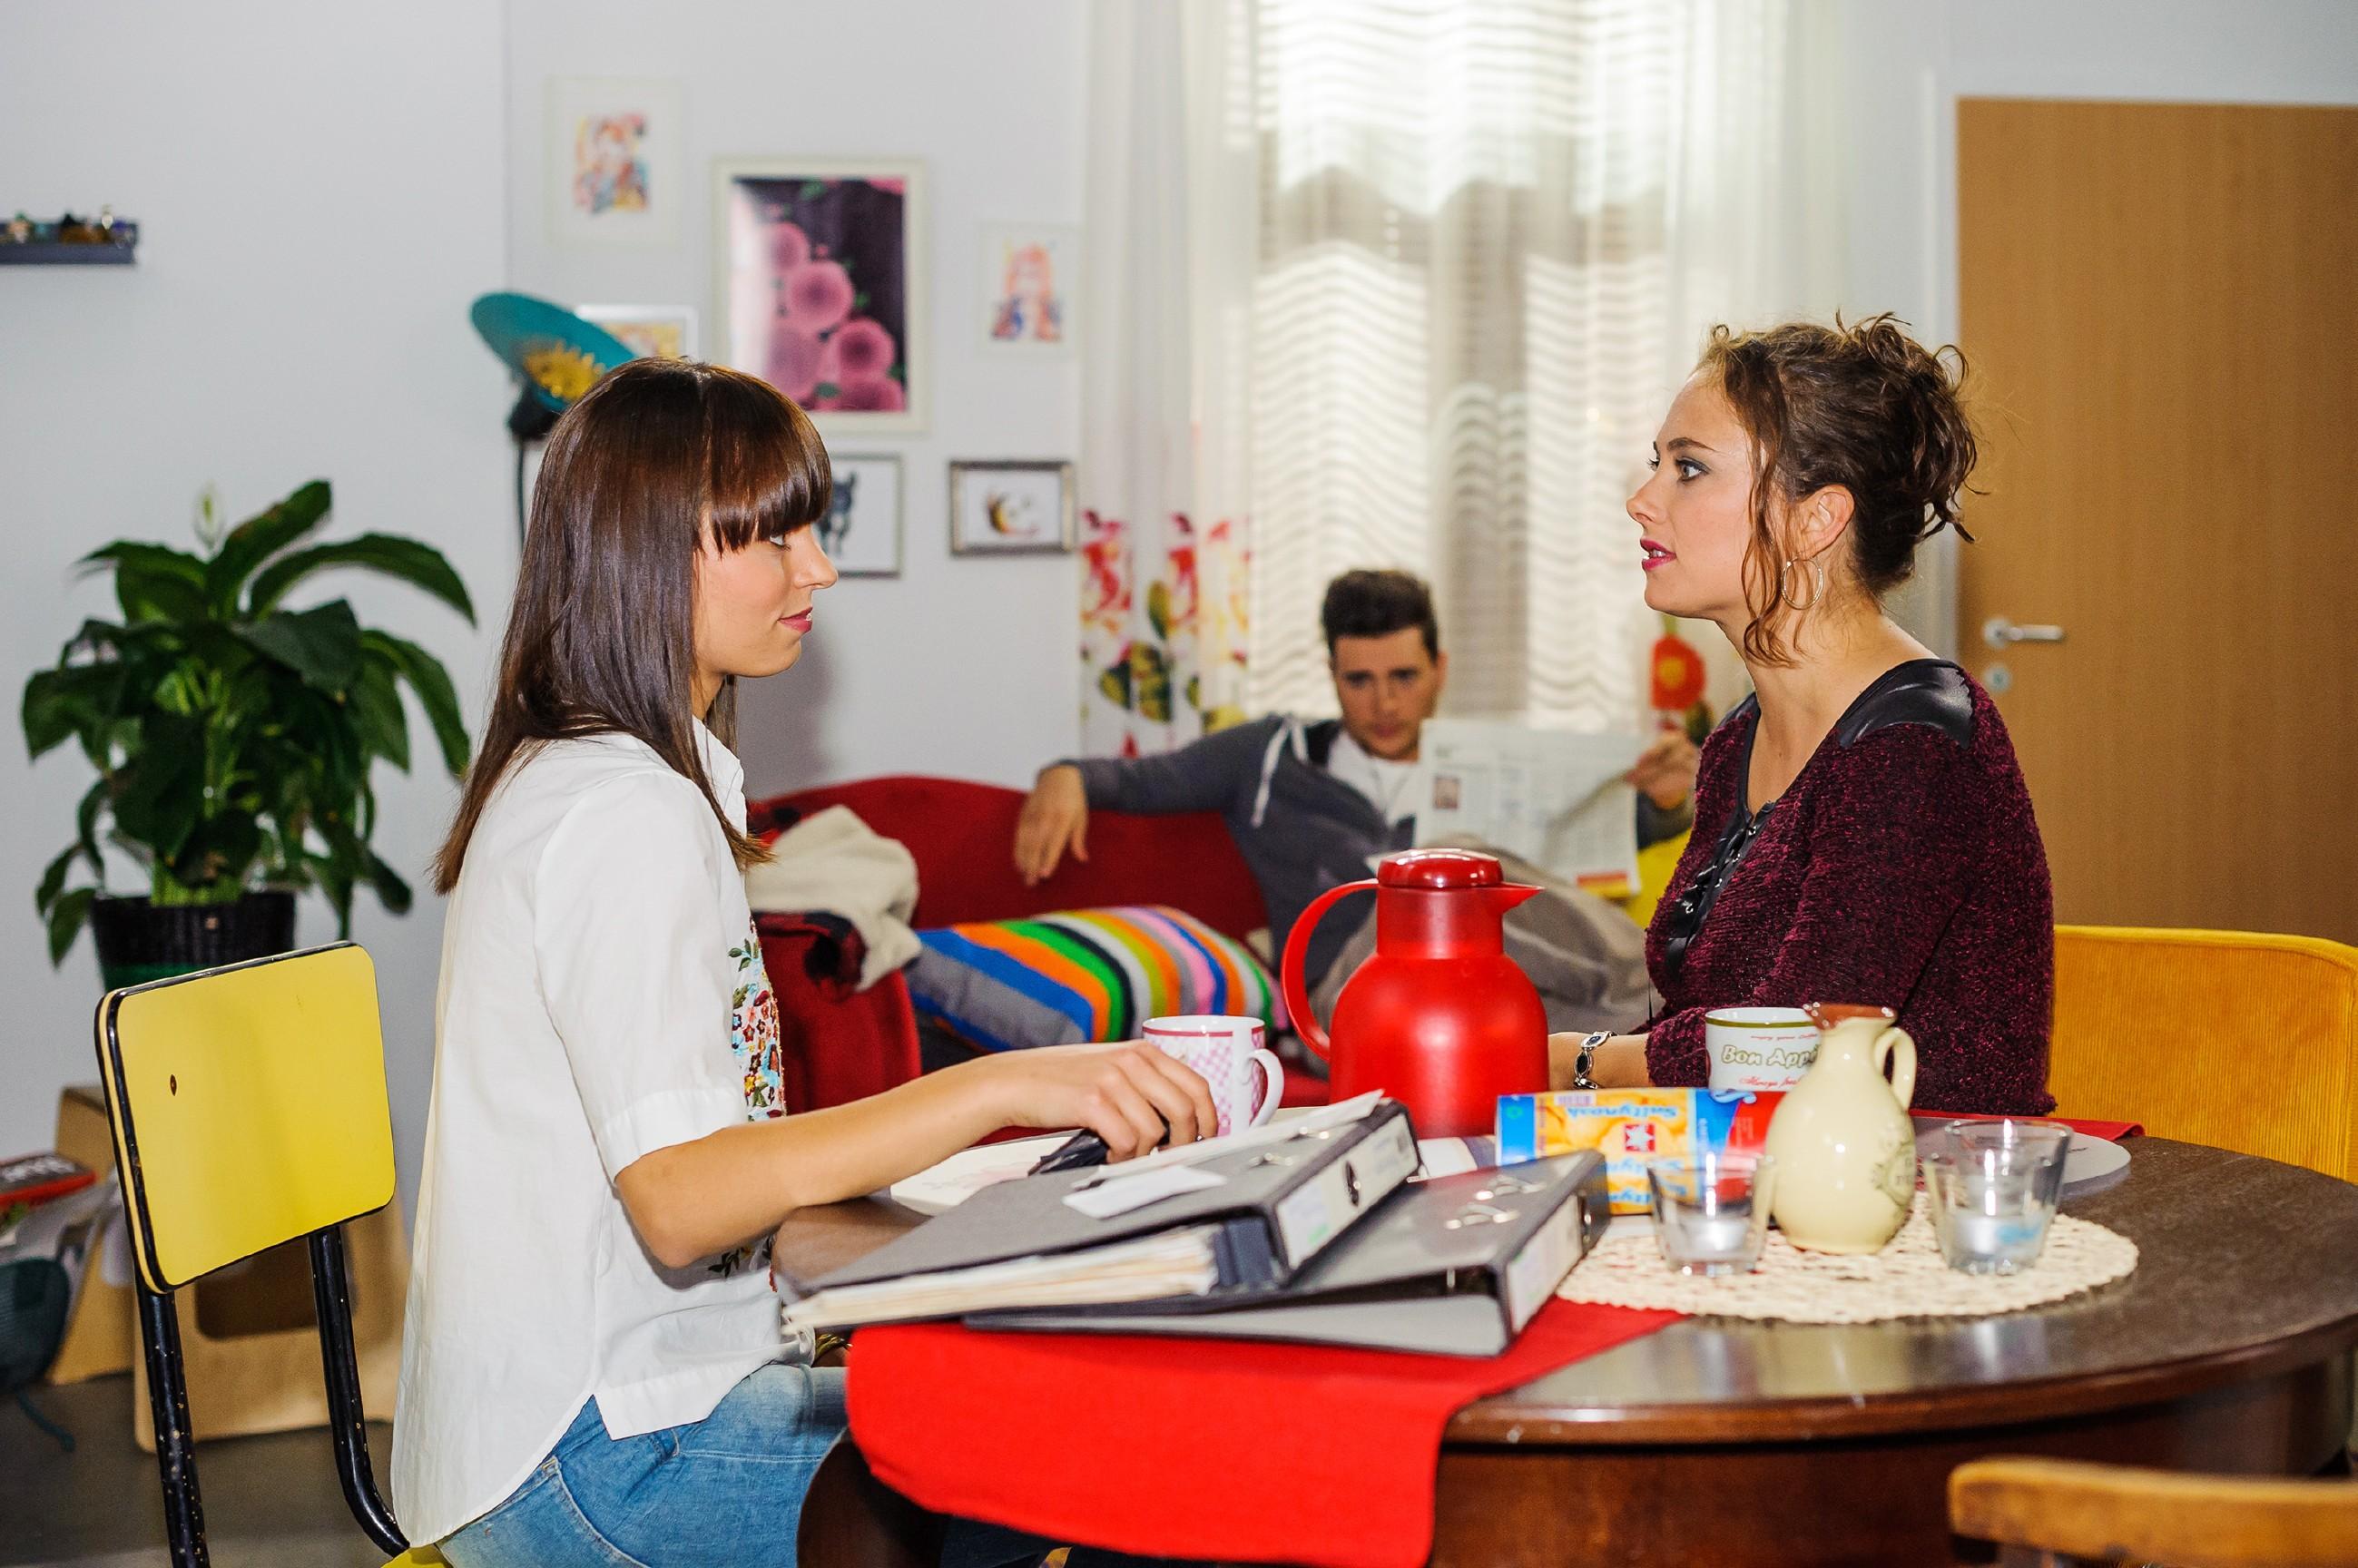 Michelle (Franziska Benz, l.) stößt Carmen (Heike Warmuth) in Gegenwart von Ronny (Bela Klentze) vor den Kopf, als ihr Vincents Beistand wichtiger ist. (Quelle: RTL / Julia Feldhagen)